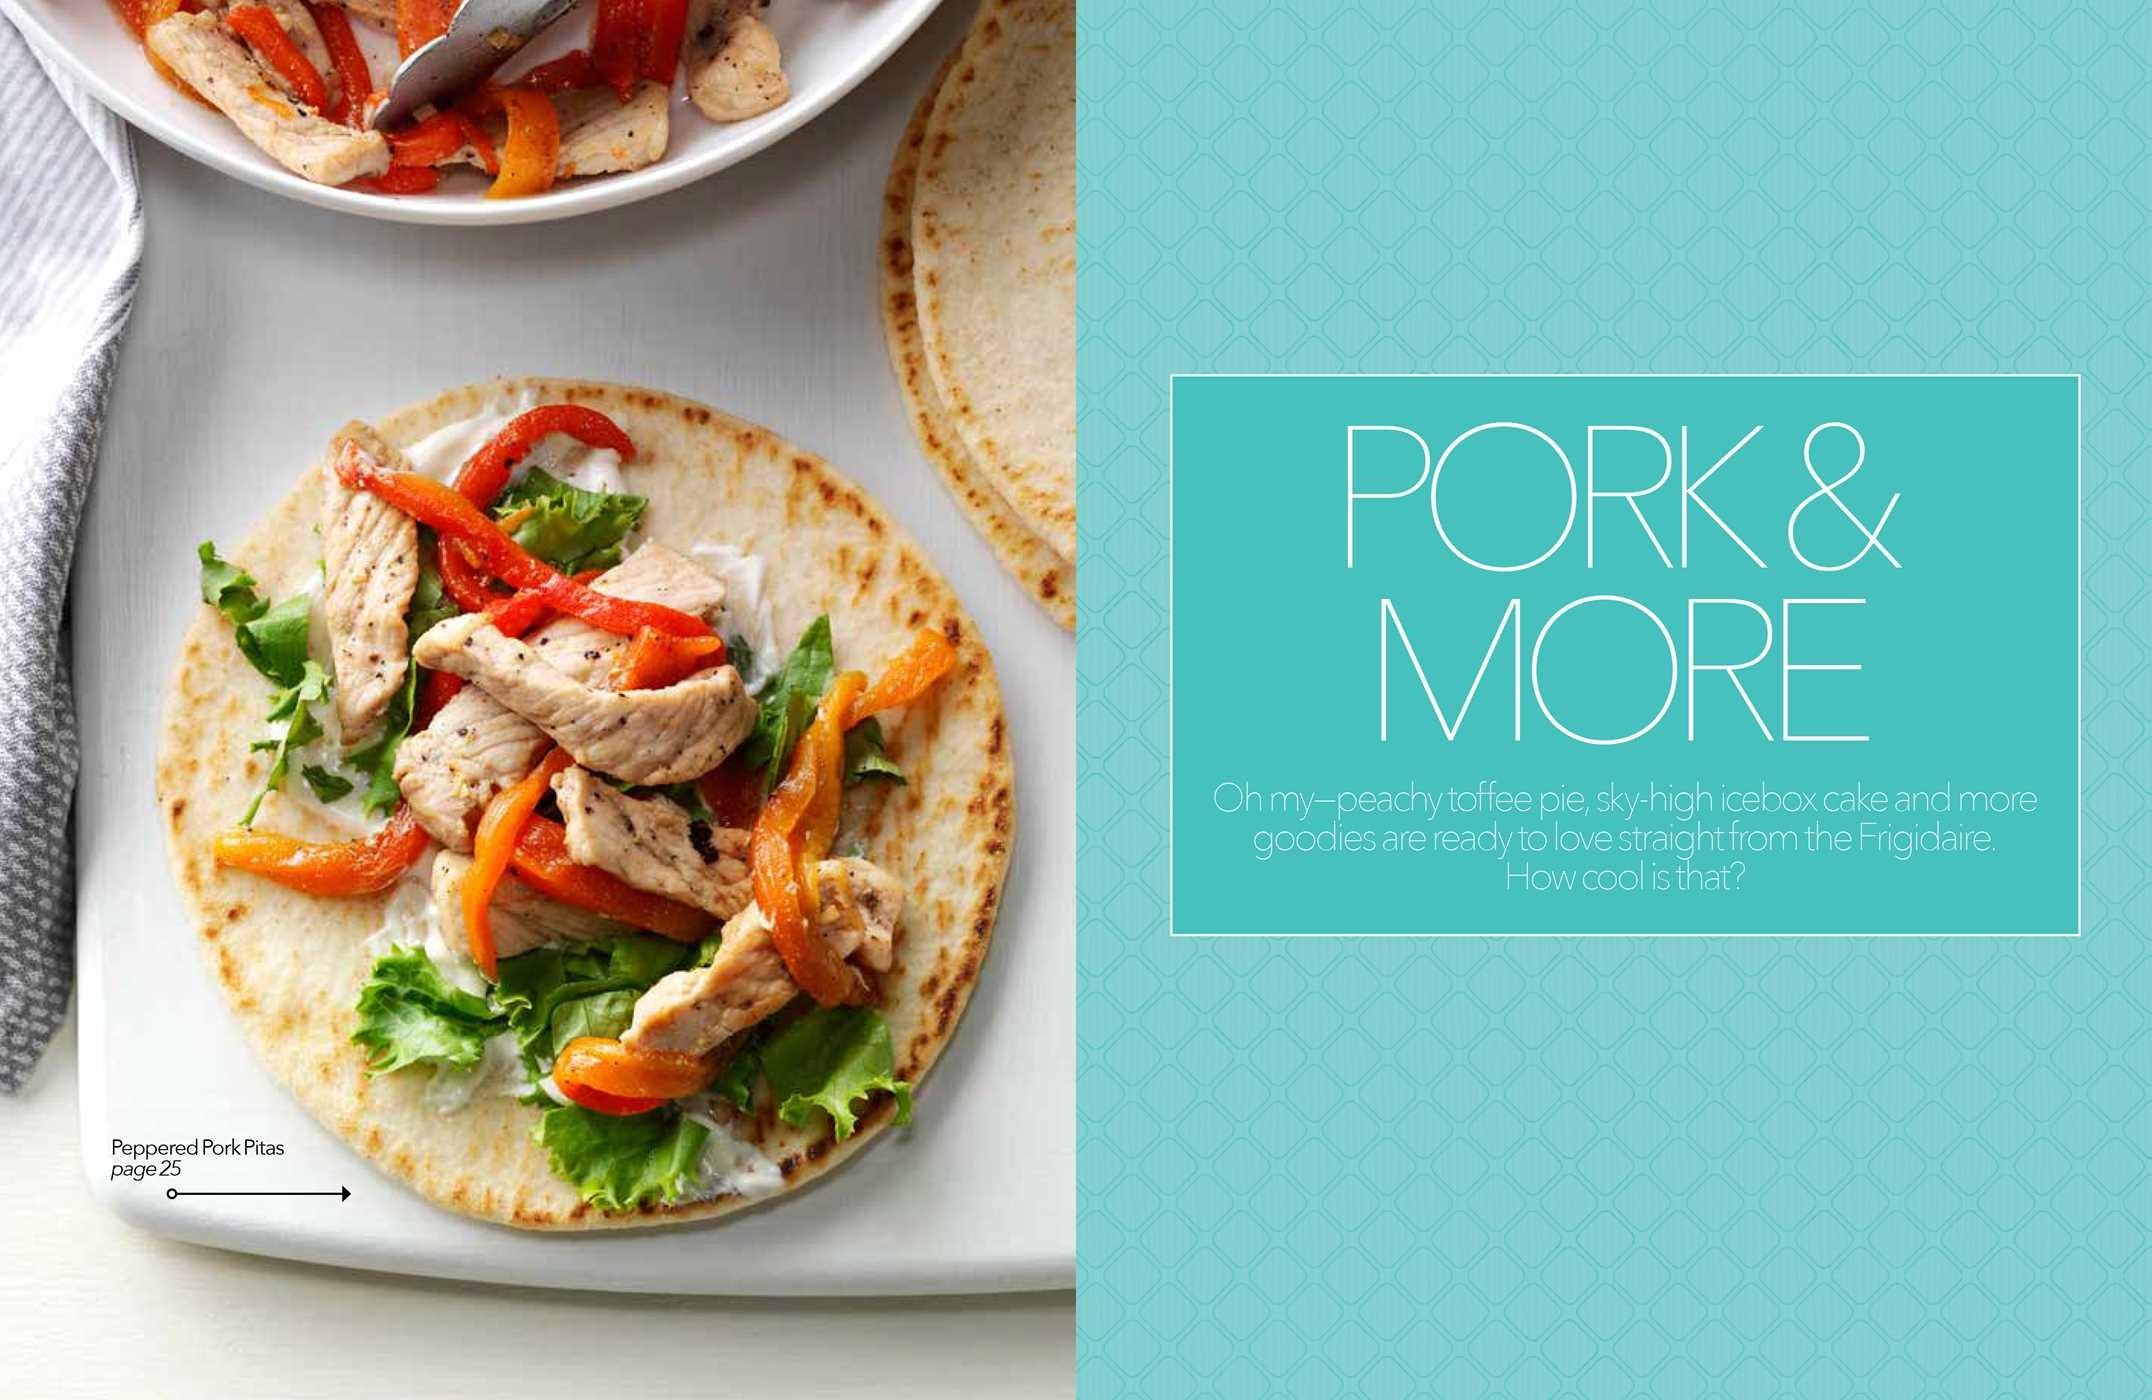 Taste of home simply healthy cookbook 9781617657191.in01